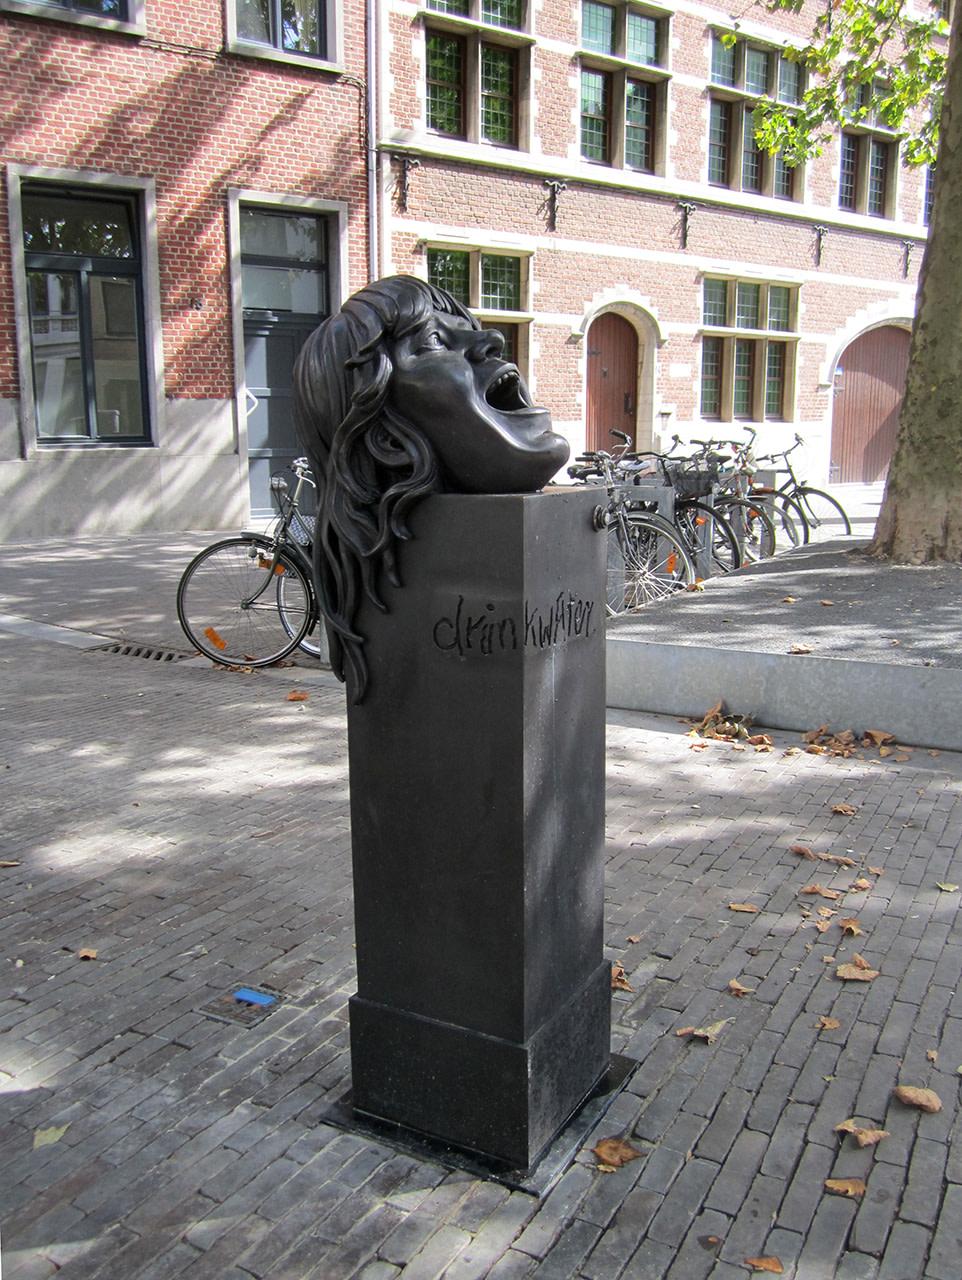 <p><em>Spuckschluckbrunnen acqua di hecki - aus mir in für Dich</em>, 2013.</p><p>Photo courtesy Tim van Laere Gallery.</p>